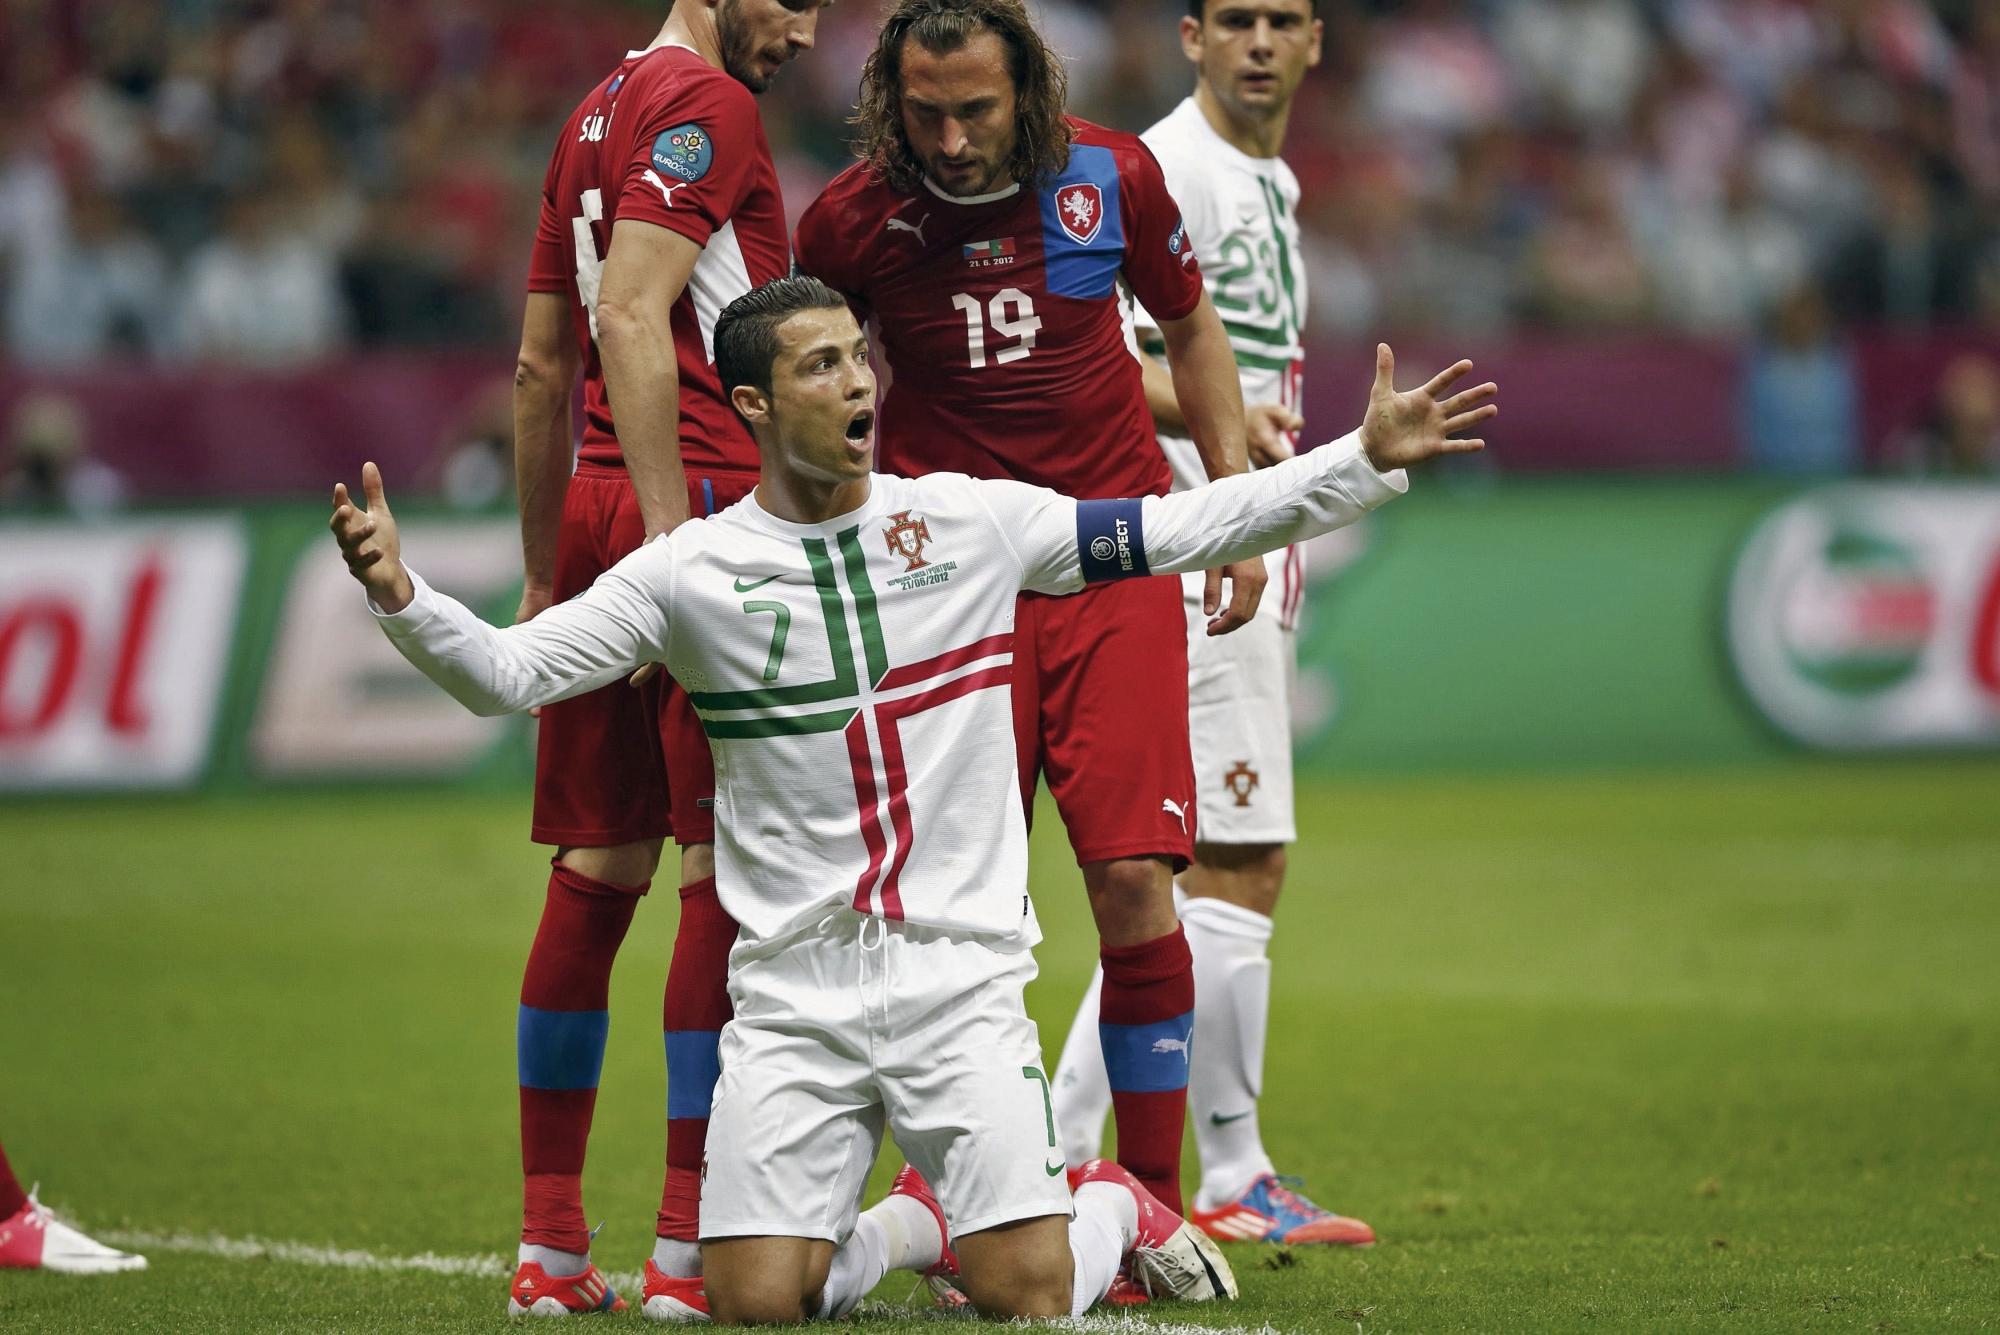 что намекаете прикольные картинки со сборной португалии симбиоз